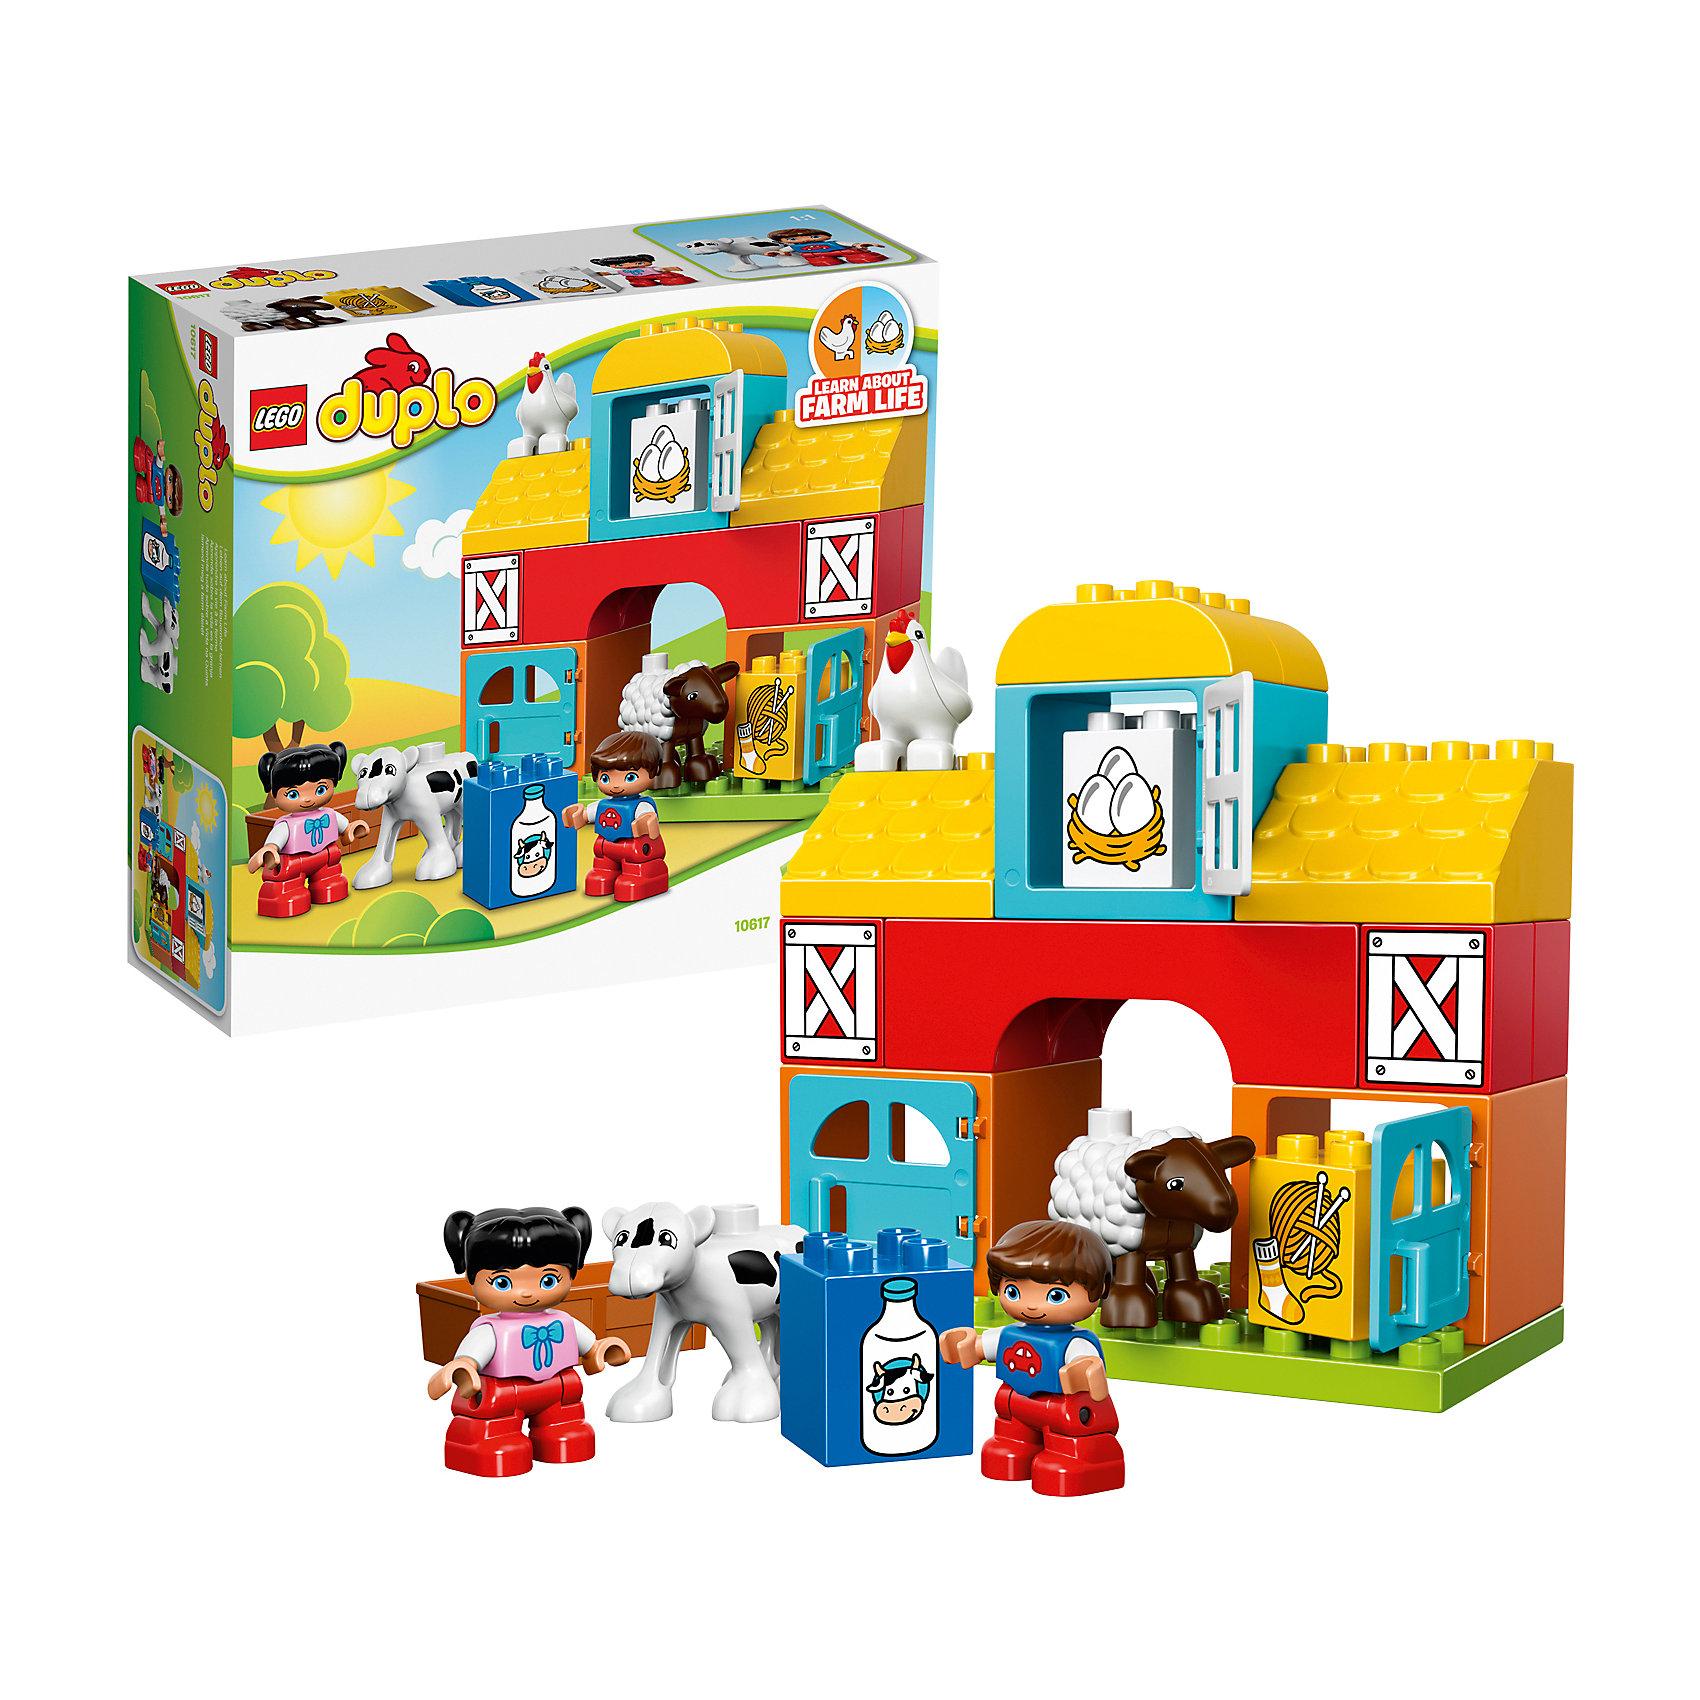 LEGO DUPLO 10617: Моя первая фермаКонструкторы для малышей<br>Изучайте с малышом деревенских животных вместе с конструктором LEGO DUPLO (ЛЕГО Дупло) 10617: Моя первая ферма! При помощи 3 обучающих кубиков с яркими иллюстрациями ваш ребенок узнает о том, откуда в магазине берутся бутылки с молоком, куриные яйца и что можно сделать из овечьей шерсти. В собранном виде ферма представляет собой небольшой домик, в котором бок обок живут домашние животные: овечка, курочка и корова. На первом этаже устроены два хлева с открывающимися дверьми и кормушками. В них живут корова и овечка. На втором этаже устроен склад сена, а на чердаке – соломенный насест для курочки. Чтобы разнообразить игру, соедините с набором ЛЕГО Дупло 10615: Мой первый трактор.<br><br>Конструкторы LEGO DUPLO (ЛЕГО ДУПЛО), предназначенные для детей дошкольного возраста, сочетают игру и обучение, а также развивают мелкую моторику, пространственное мышление и творческие способности малышей и дошкольников. Кубики LEGO DUPLO (ЛЕГО ДУПЛО) в 8 раз больше, чем обычные кубики, что позволяет ребенку удобно их держать и быстро строить. Большое количество дополнительных элементов делает игровые сюжеты по-настоящему захватывающими и реалистичными. Все наборы ЛЕГО ДУПЛО соответствуют самым высоким европейским стандартам качества и абсолютно безопасны. <br><br>Дополнительная информация:<br>-Размер упаковки: 28,2х26,2х9,5 см<br>-Деталей: 26 шт., мини-фигурки (мальчик и девочка, овечка, курочка, корова)<br>-Размеры фермы: 18 х 19 х 9 см <br>-Вес: 0,744 кг<br>-Материал: пластик<br>-Весь набор упакован в фирменную картонную коробку ЛЕГО<br><br>LEGO DUPLO (ЛЕГО Дупло)  10617: Моя первая ферма можно купить в нашем магазине.<br><br>Ширина мм: 286<br>Глубина мм: 261<br>Высота мм: 99<br>Вес г: 658<br>Возраст от месяцев: 18<br>Возраст до месяцев: 60<br>Пол: Унисекс<br>Возраст: Детский<br>SKU: 3786050